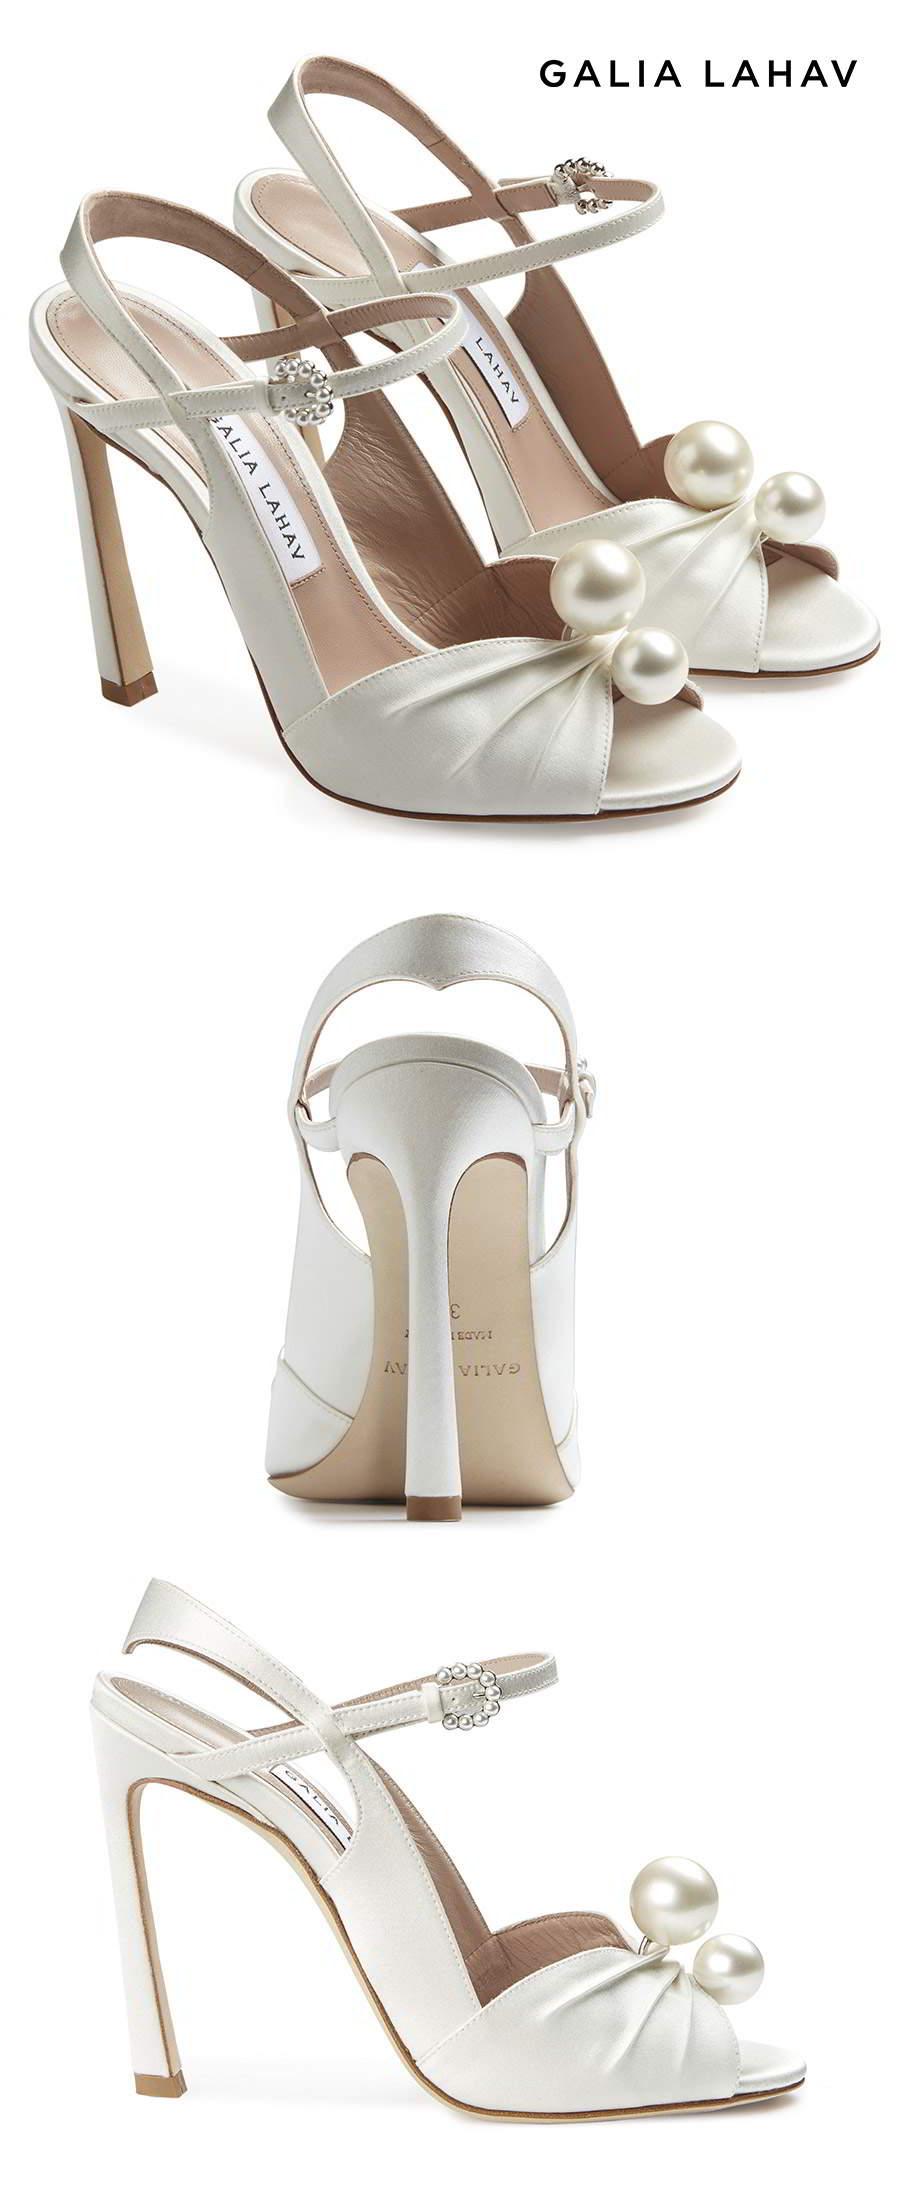 galia lahav shoes fall 2021 bridal strappy peep toe high heel wedding shoe (kate pearl) sv